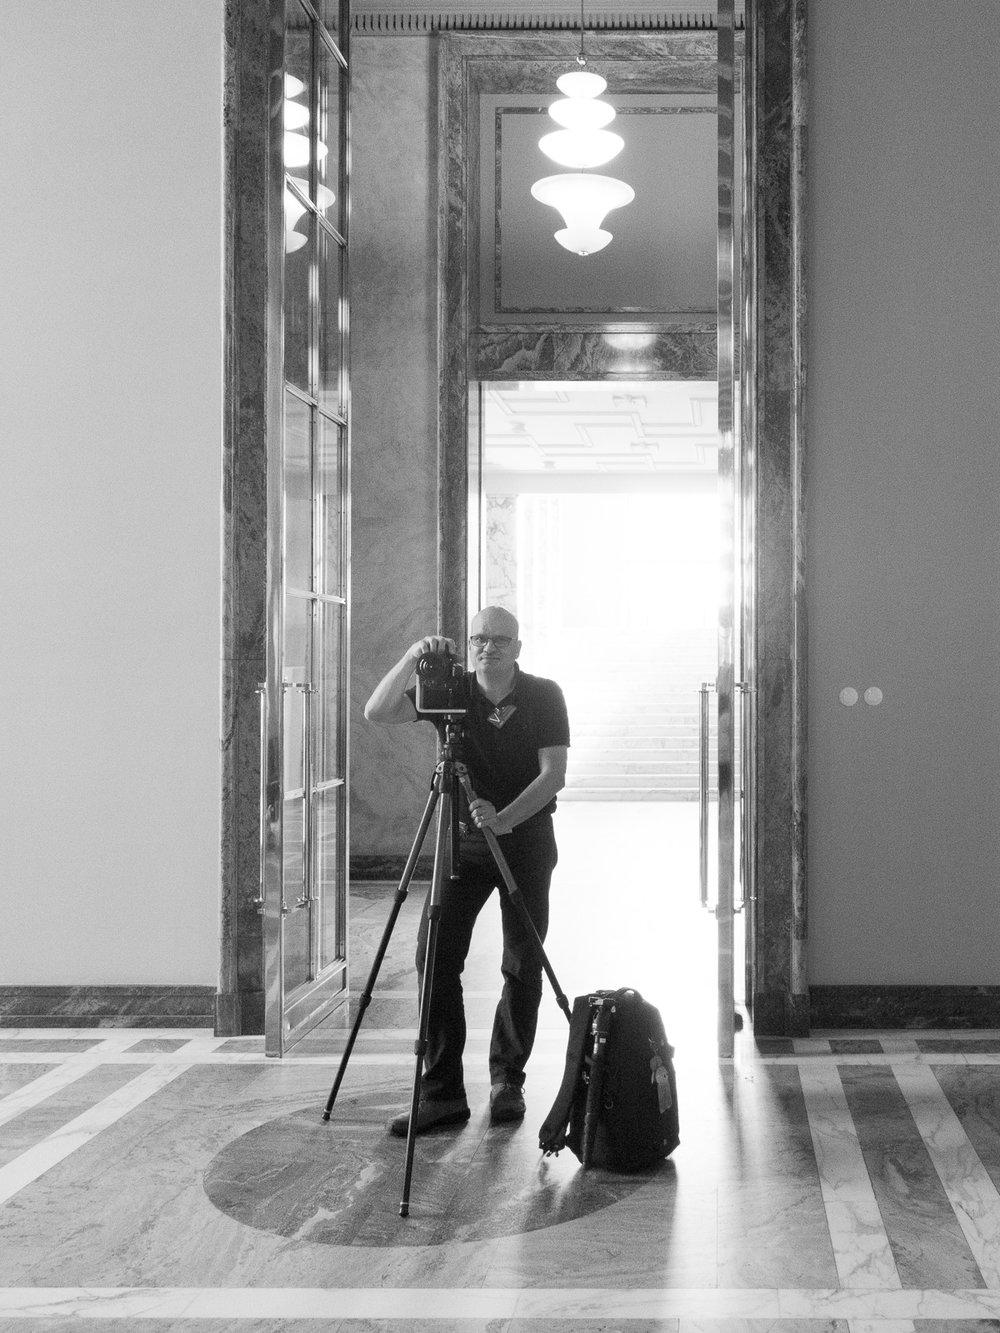 Photographer Vesa Loikas on assignment in the Hall of State in the Parliament building in Helsinki, Finland in September 11th, 2017. Valokuvaaja Vesa Loikas kuvaamassa eduskuntataloa Helsingissä syyskuussa 2017.